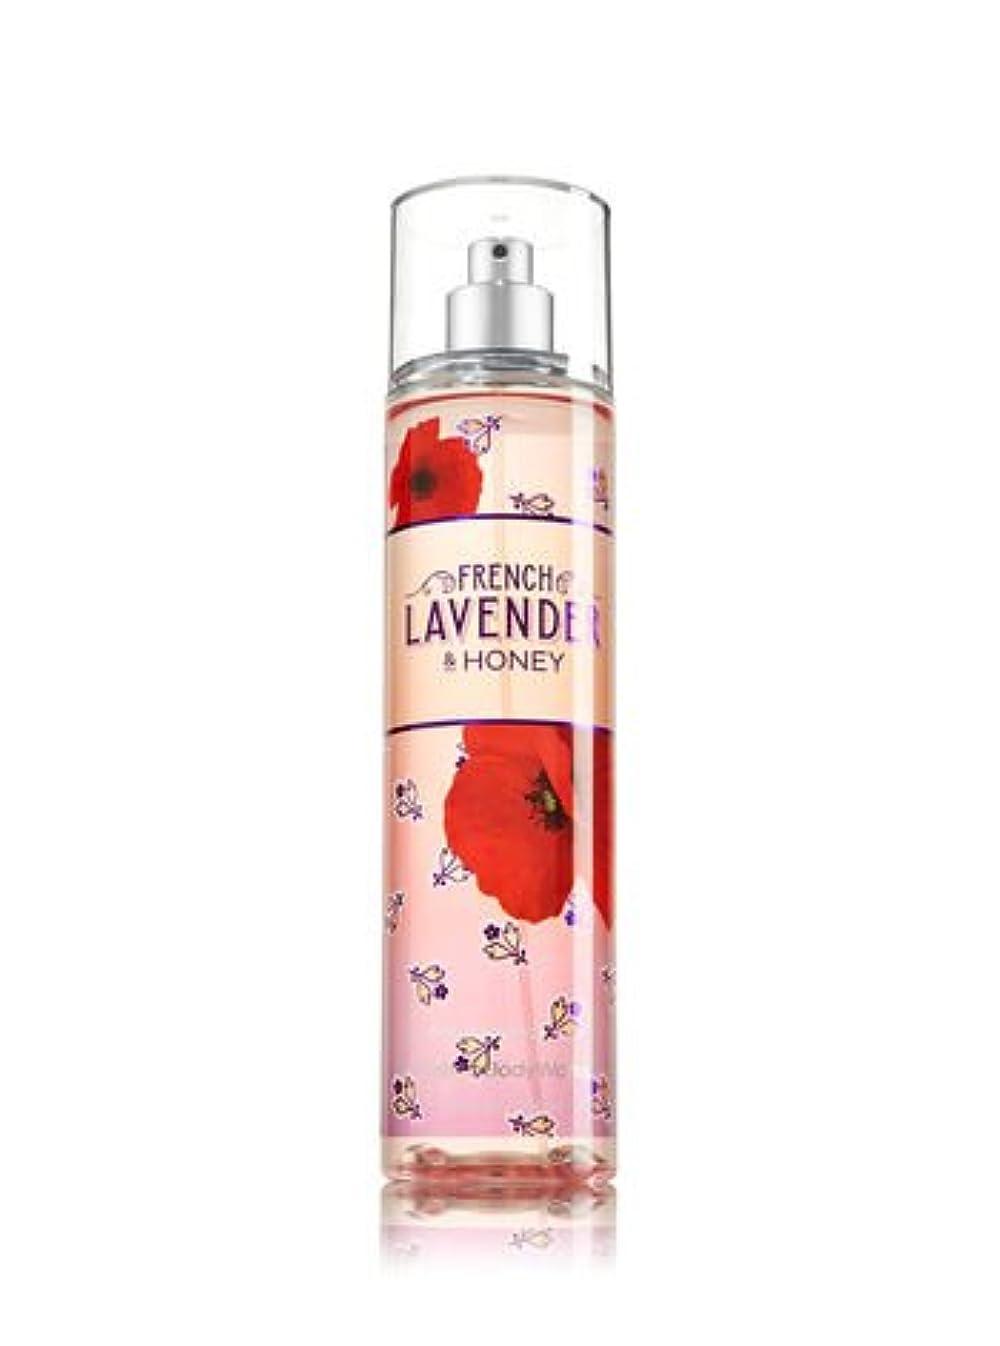 砲撃辞任する批判する【Bath&Body Works/バス&ボディワークス】 ファインフレグランスミスト フレンチラベンダー&ハニー Fine Fragrance Mist French Lavender & Honey 8oz (236ml...